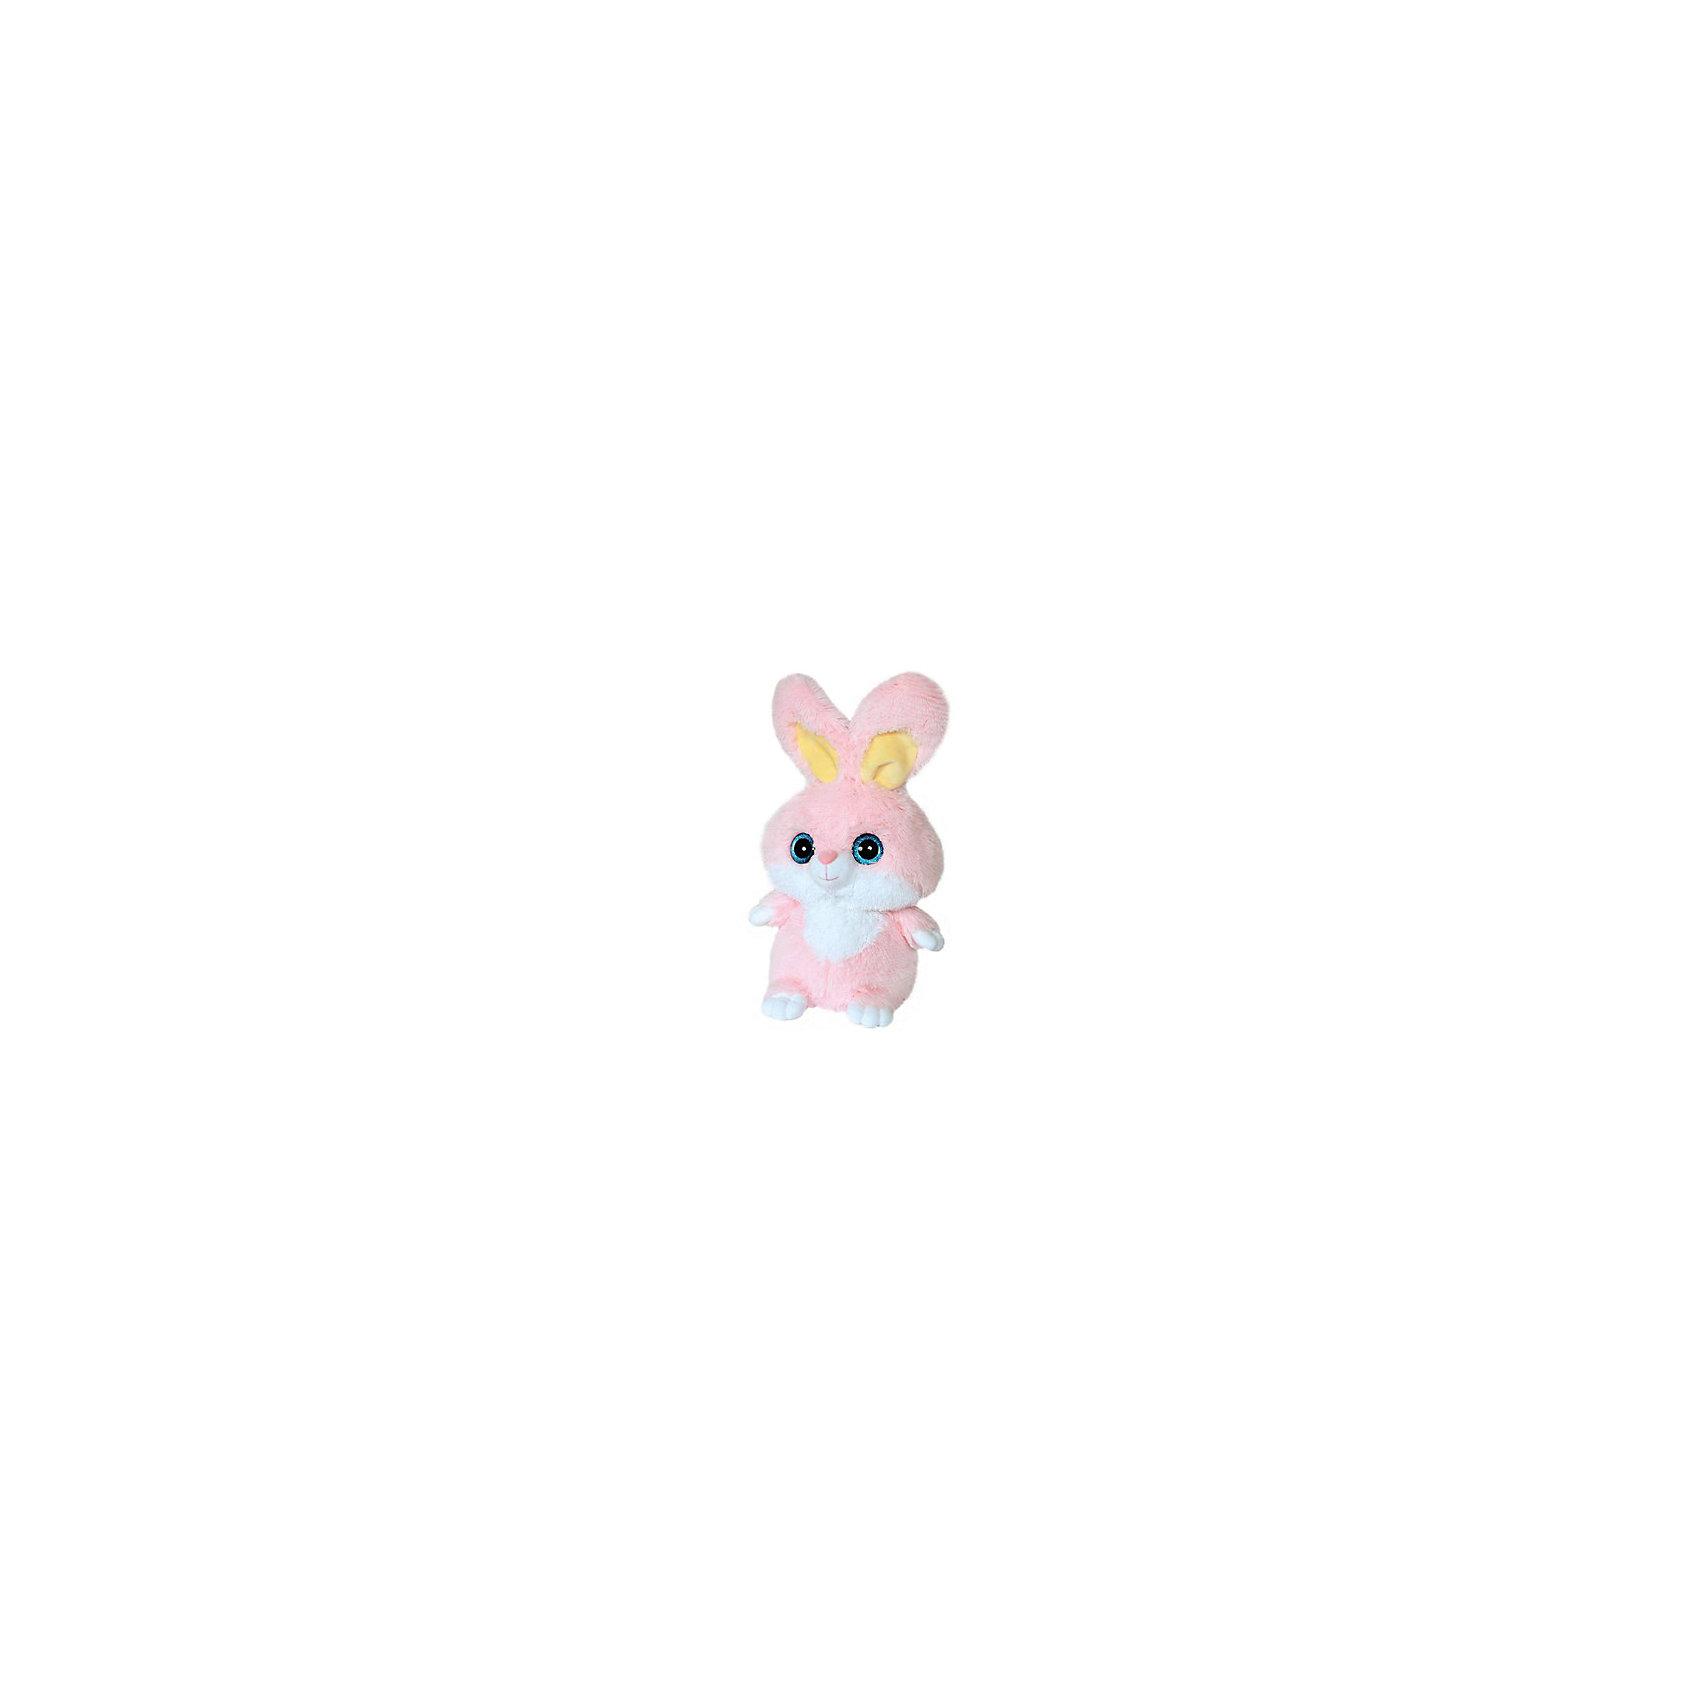 Мягкая игрушка Зайчик, 30 см, СмолТойсЗайцы и кролики<br>Зайчик, СмолТойс - чудесная мягкая игрушка, которая станет отличным подарком детям любого возраста. У зайчика очень мягкая, приятная на ощупь розовая шерстка и добрая трогательная мордочка с большими голубыми глазами. Ребенок с удовольствием будет обнимать и тискать эту очаровательную зверюшку и даже сможет брать ее с собой в кровать, игрушка выполнена из гипоаллергенных материалов и совершенно безопасна для детей. Способствует развитию воображения и тактильной чувствительности у детей.<br><br>Дополнительная информация:<br><br>- Материал: текстиль, плюш.<br>- Размер игрушки: 30 см.<br>- Размер упаковки: 22 x 27 x 30 см.<br>- Вес: 0,5 кг.<br><br>Мягкую игрушку Зайчик, СмолТойс, можно купить в нашем интернет-магазине.<br><br>Ширина мм: 220<br>Глубина мм: 270<br>Высота мм: 300<br>Вес г: 500<br>Возраст от месяцев: 36<br>Возраст до месяцев: 36000<br>Пол: Унисекс<br>Возраст: Детский<br>SKU: 4540574